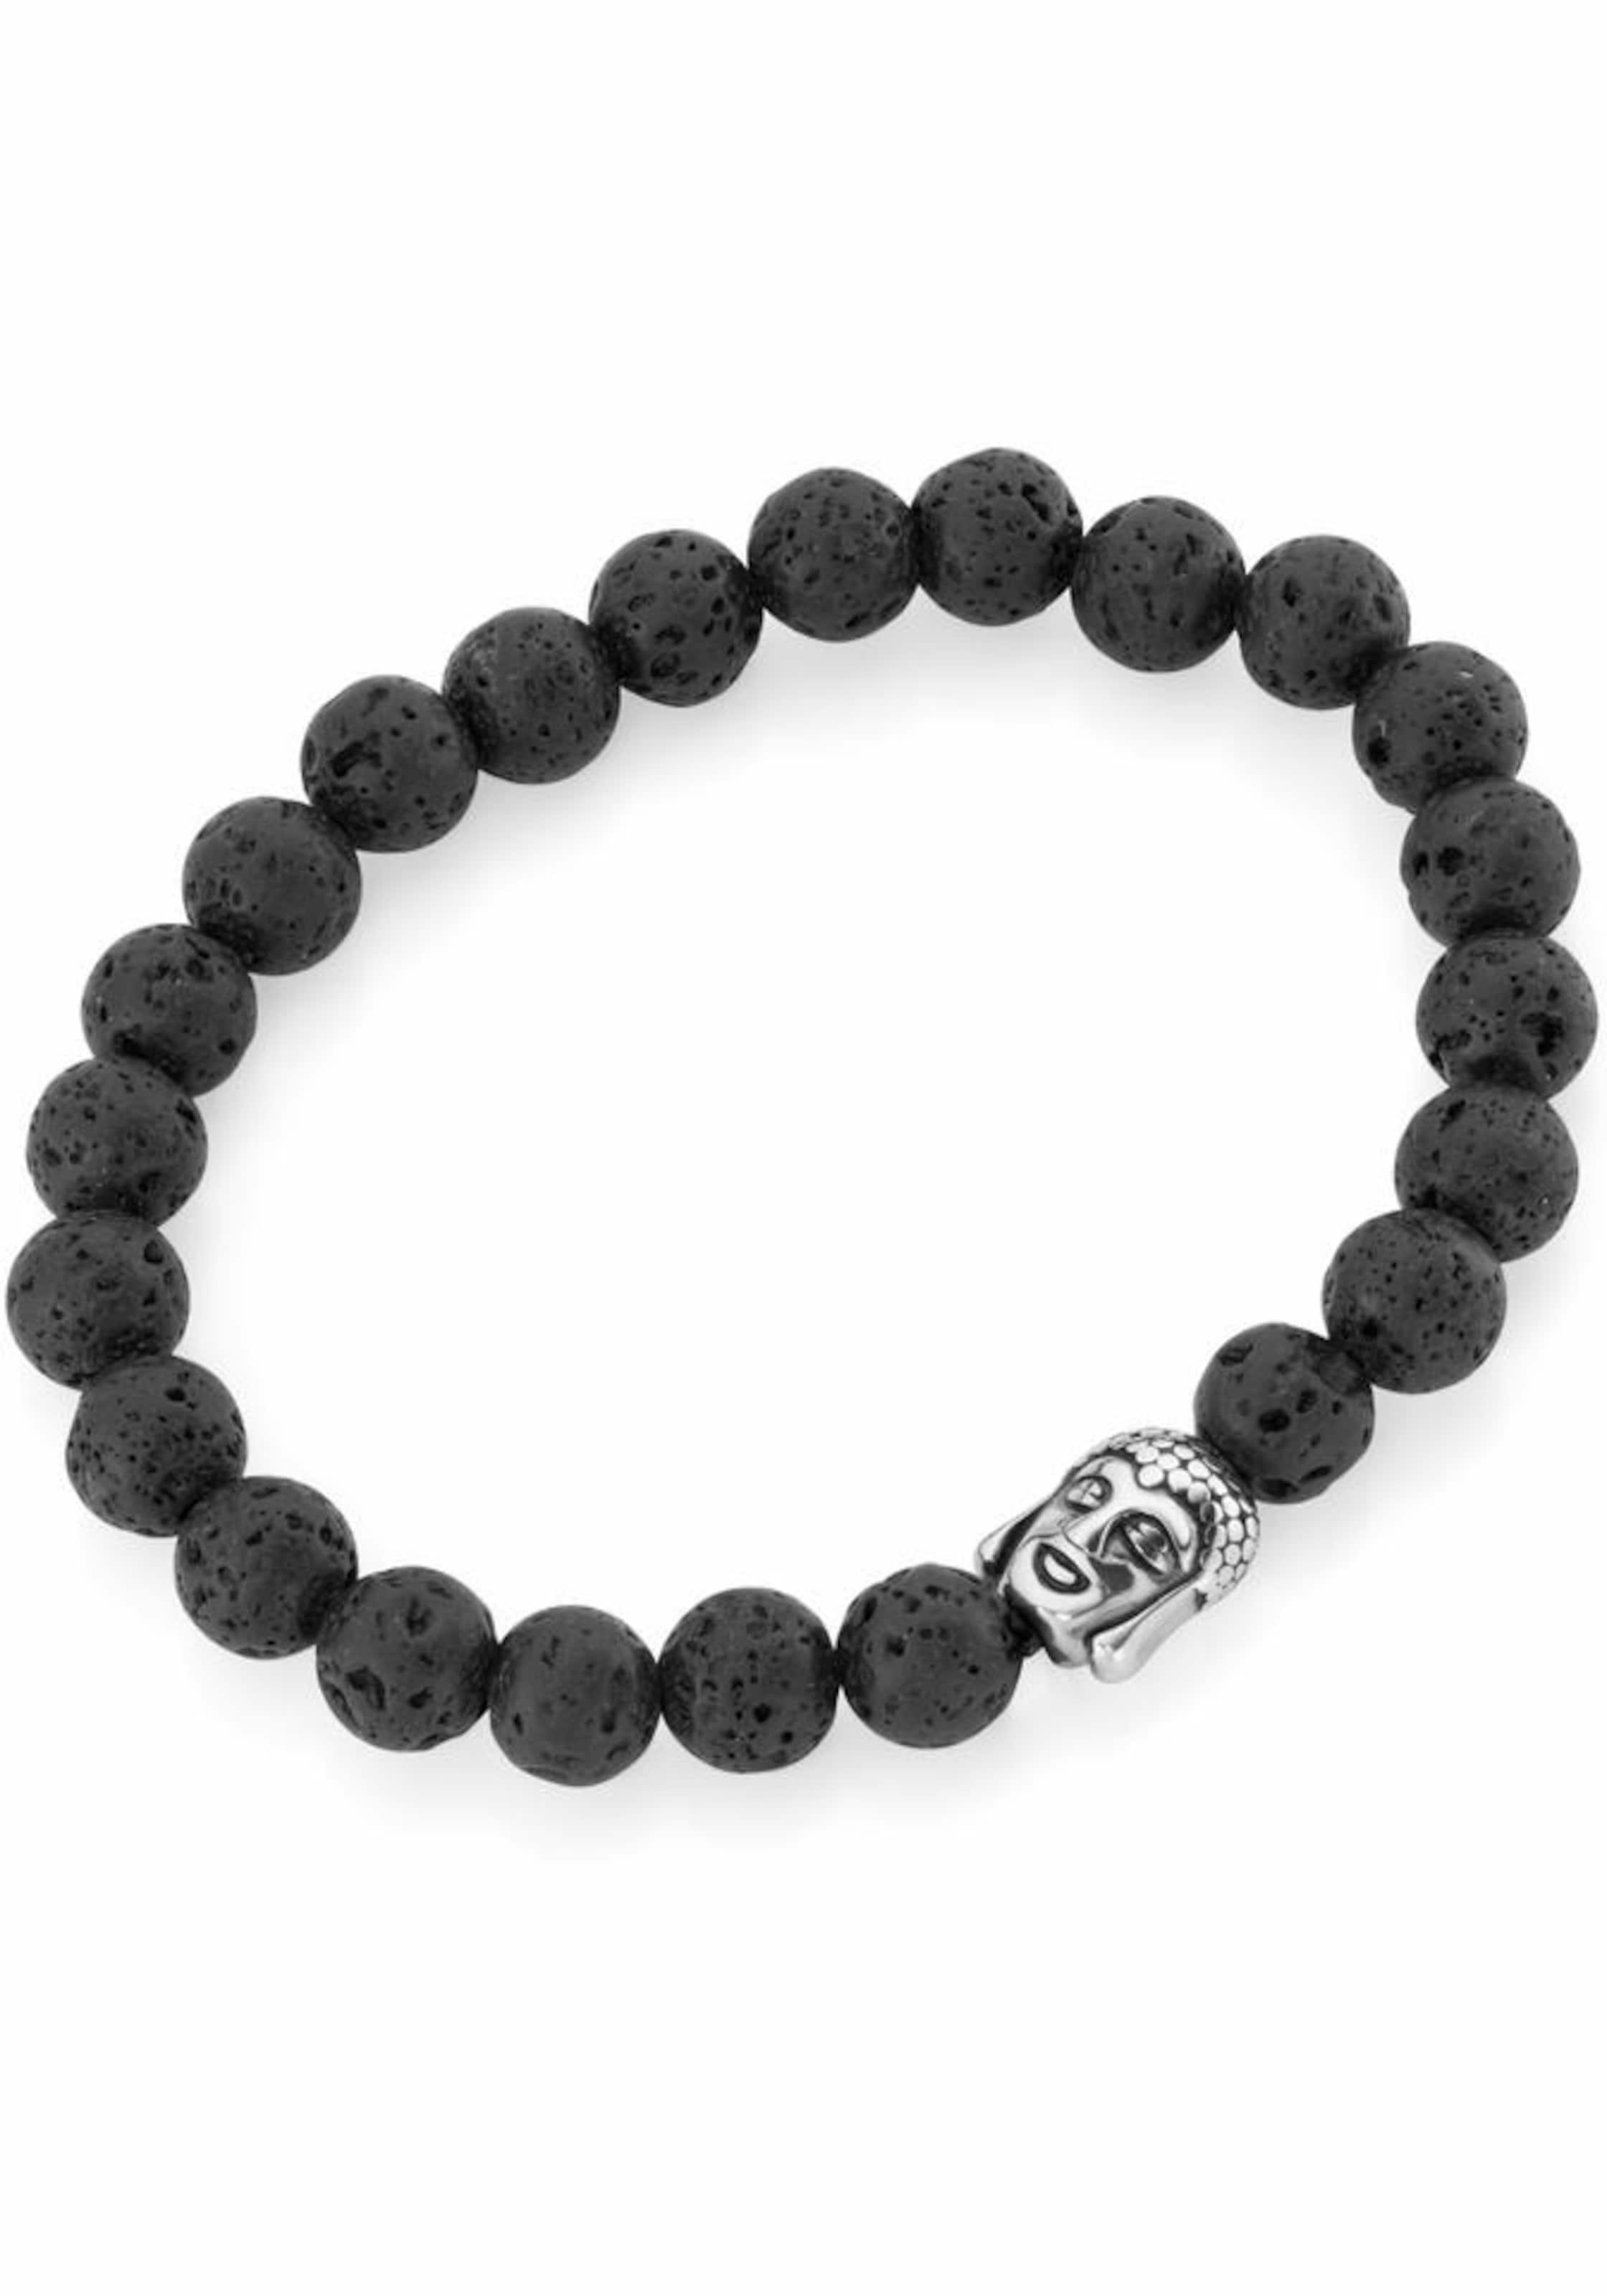 Sammlungen Online FIRETTI Armband 'Thai Buddha' Outlet Großer Verkauf Großer Verkauf  Wo Zu Kaufen Spielraum Hohe Qualität X9dePjY